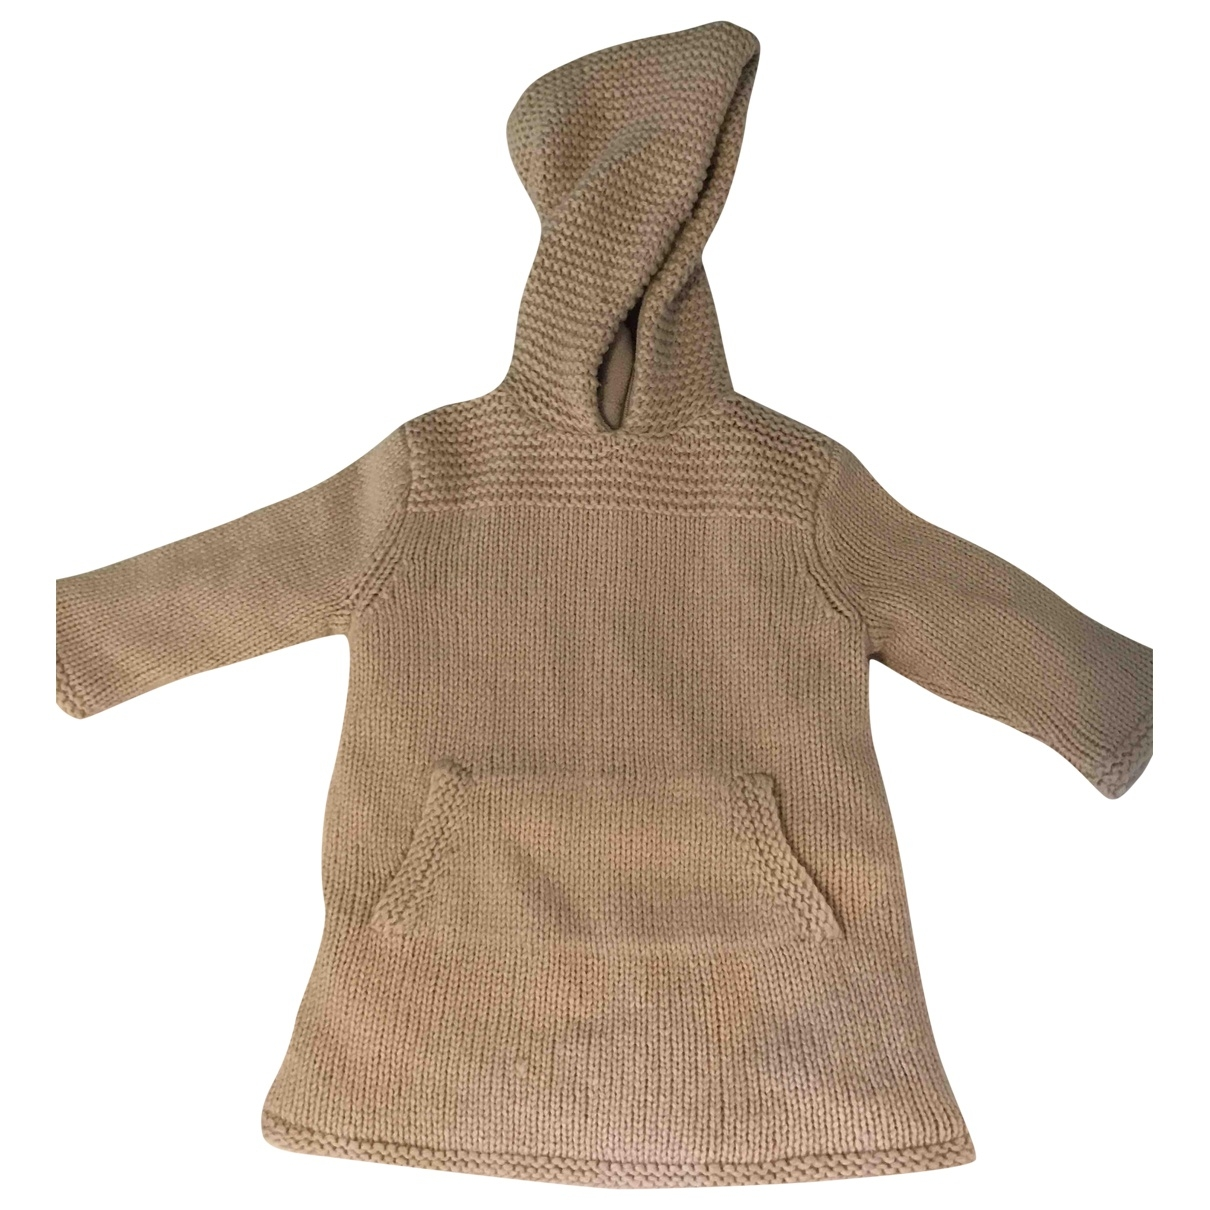 Bonpoint \N Jacke, Maentel in  Beige Wolle